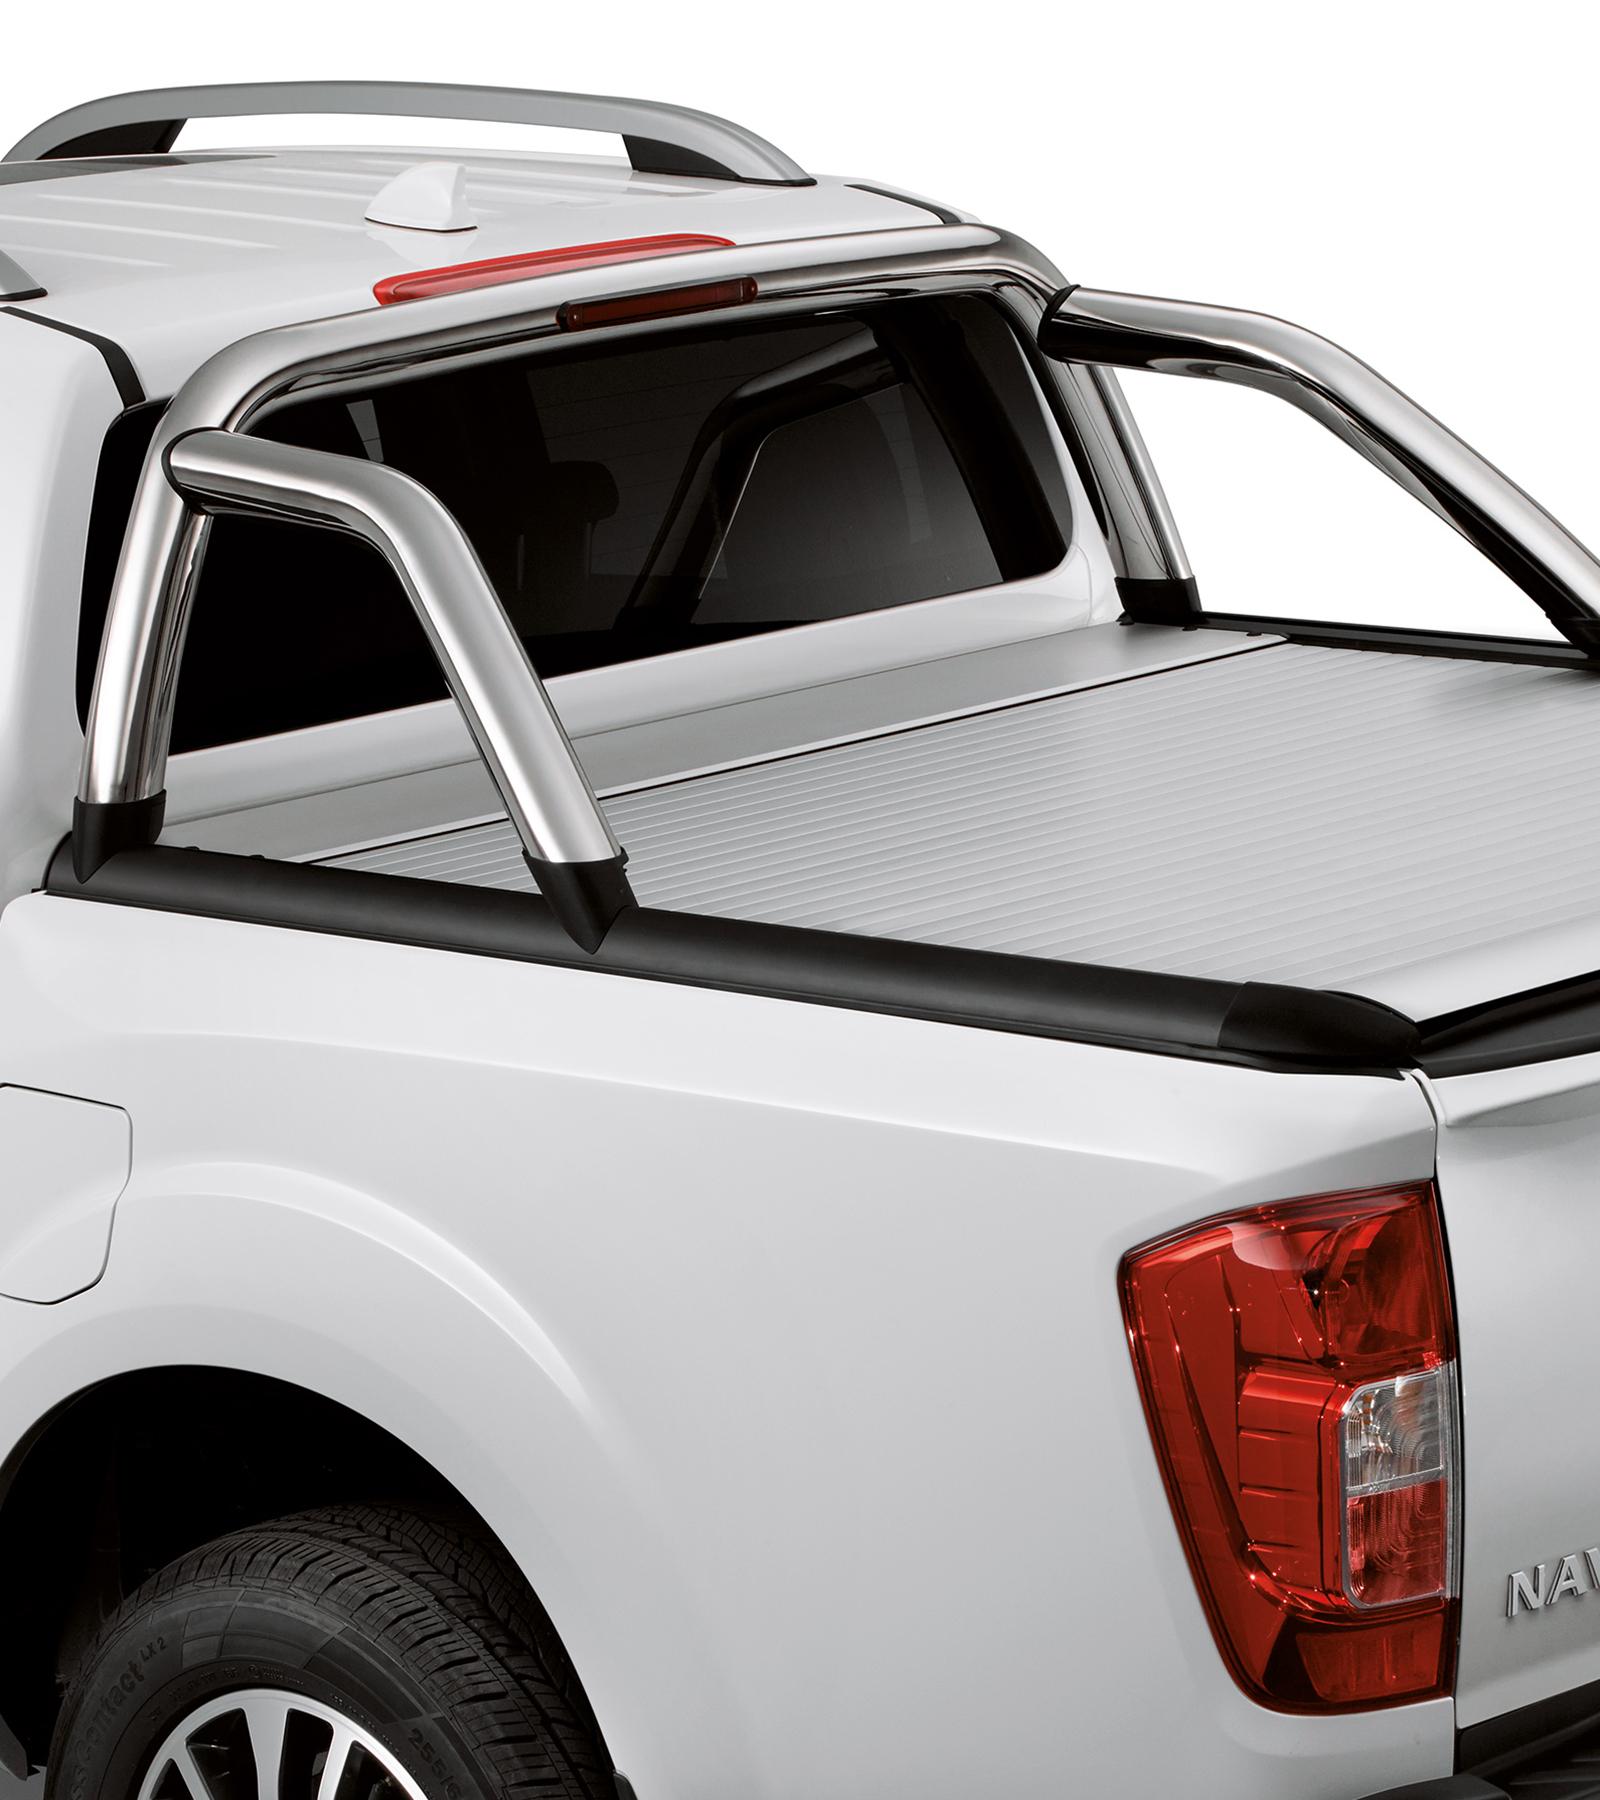 beau artisanat de qualité une grande variété de modèles Accessoires et options - NAVARA 2018 | Nissan